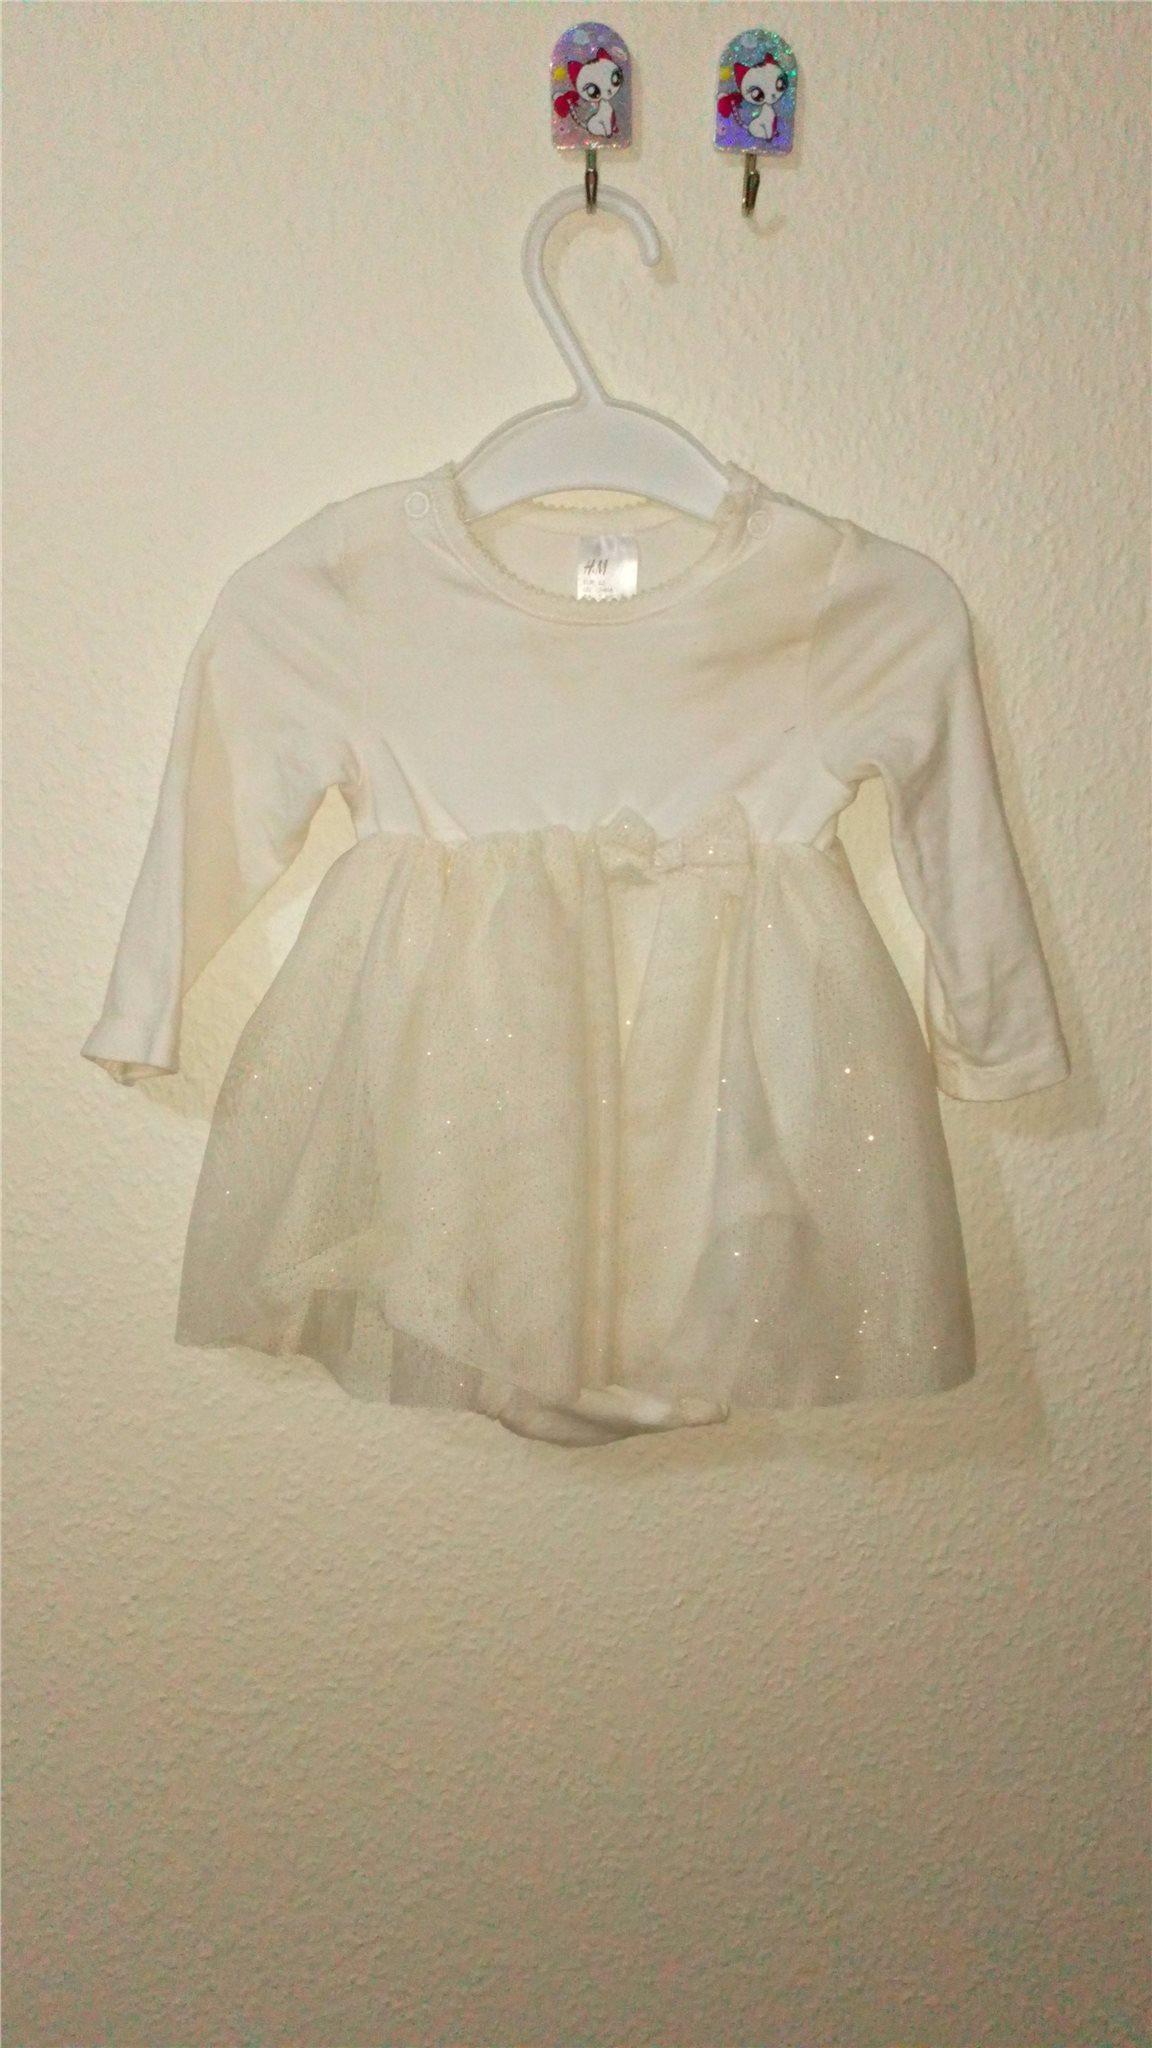 Baby klänningar i storlek 62 för 2 till 4 månad.. (331791278) ᐈ Köp ... 4824fc45c2c0a